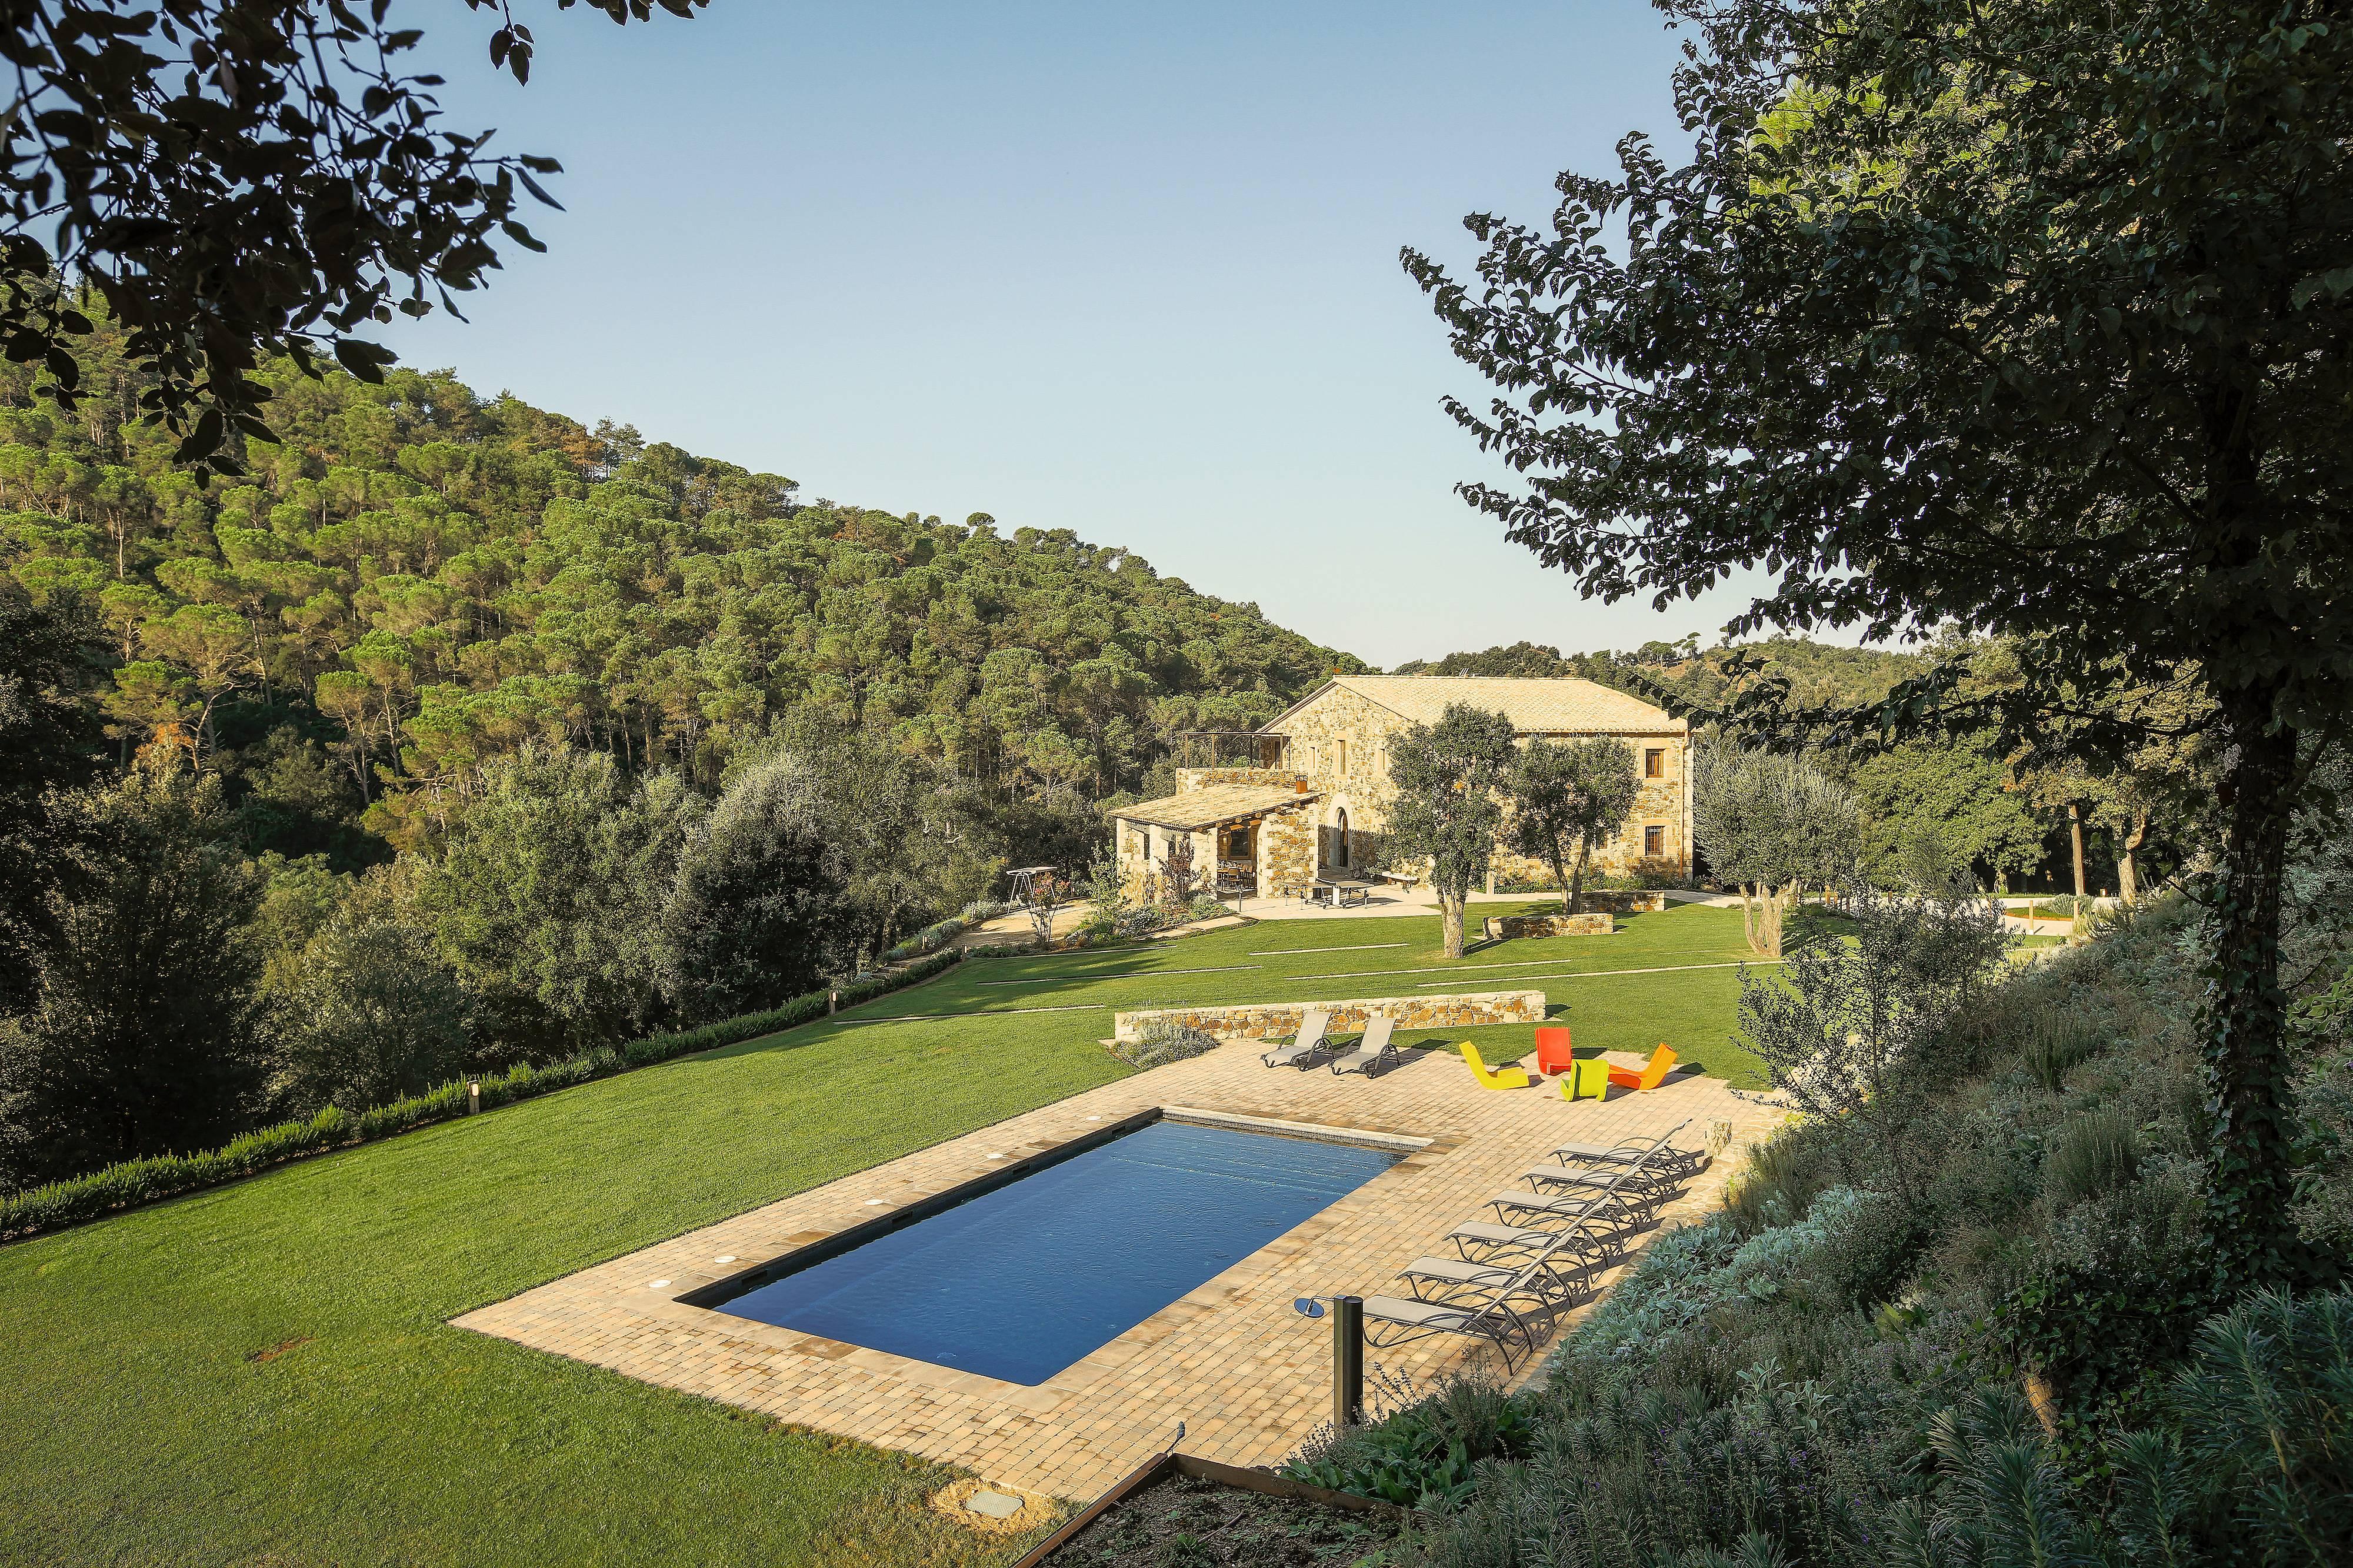 Meuble Salle De Bain Girona luxueuse villa avec 7 chambres à girona - sant daniel